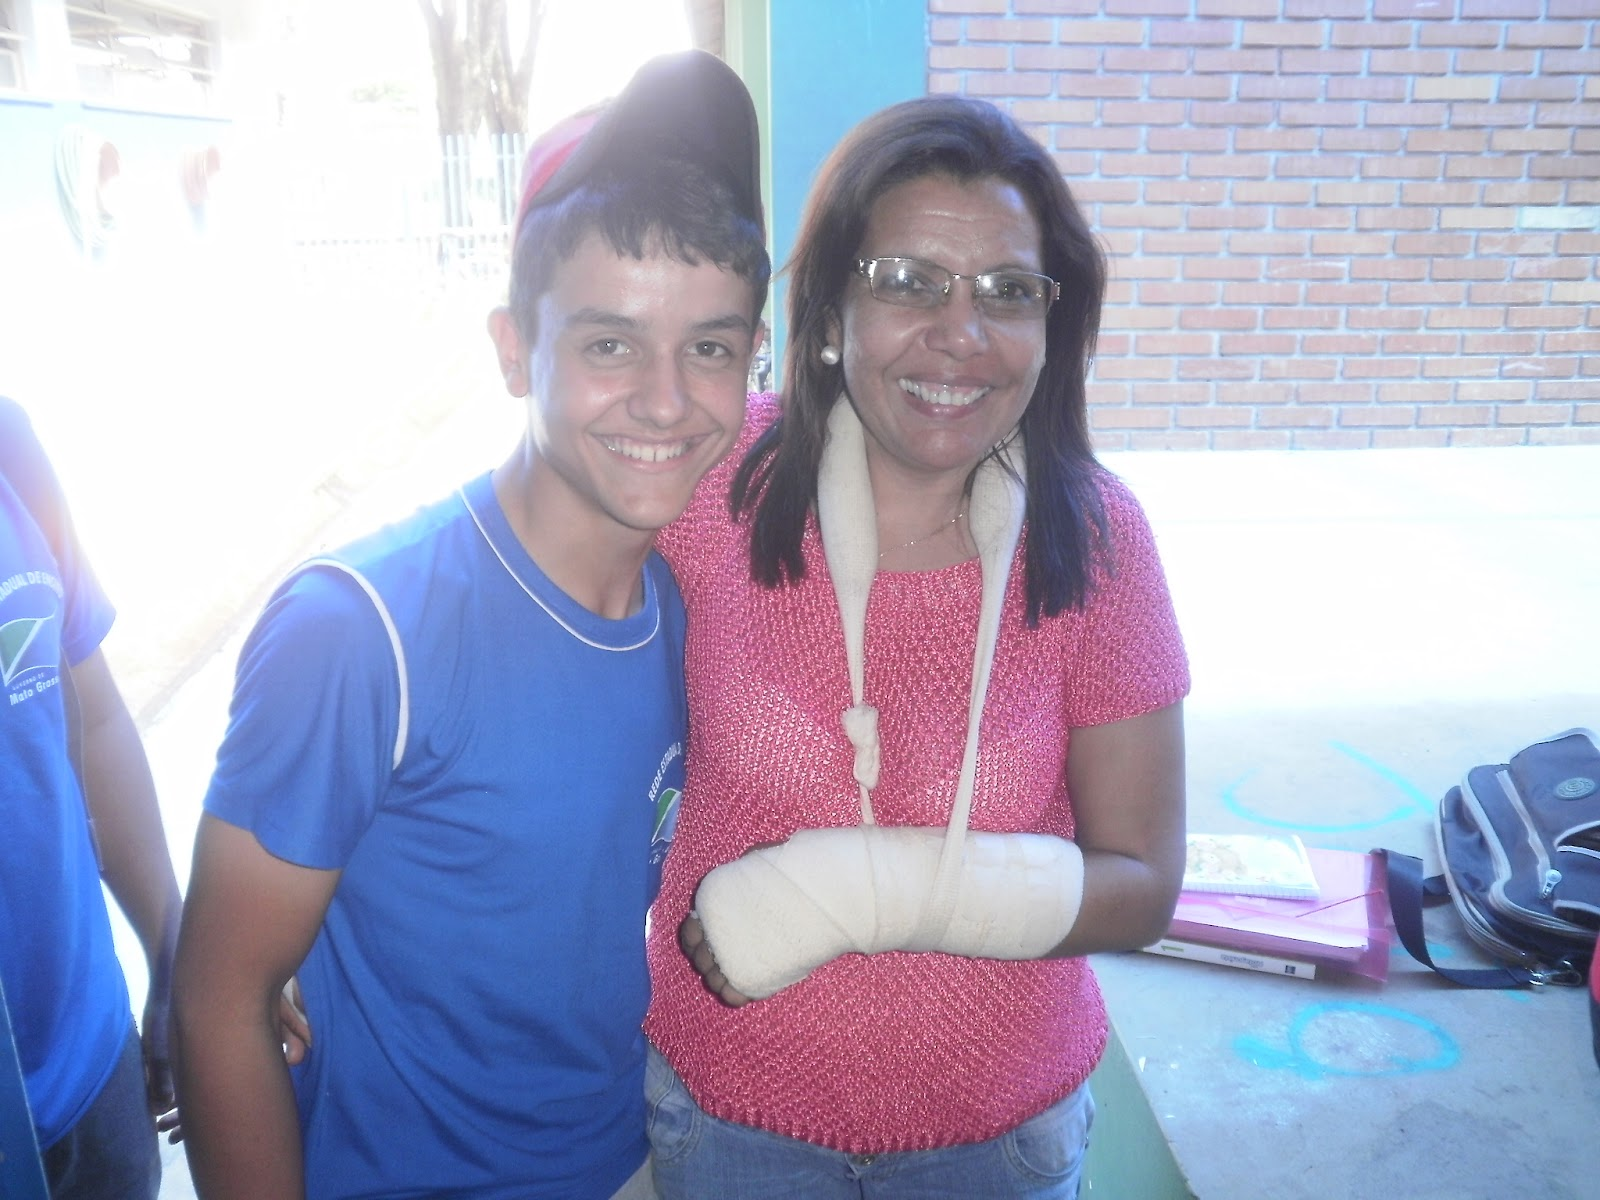 #226DA9 às quinta feira setembro 13 2012 Postado por Escola Estadual Vilmar  1600x1200 px Projeto Oleo De Cozinha Usado_4925 Imagens